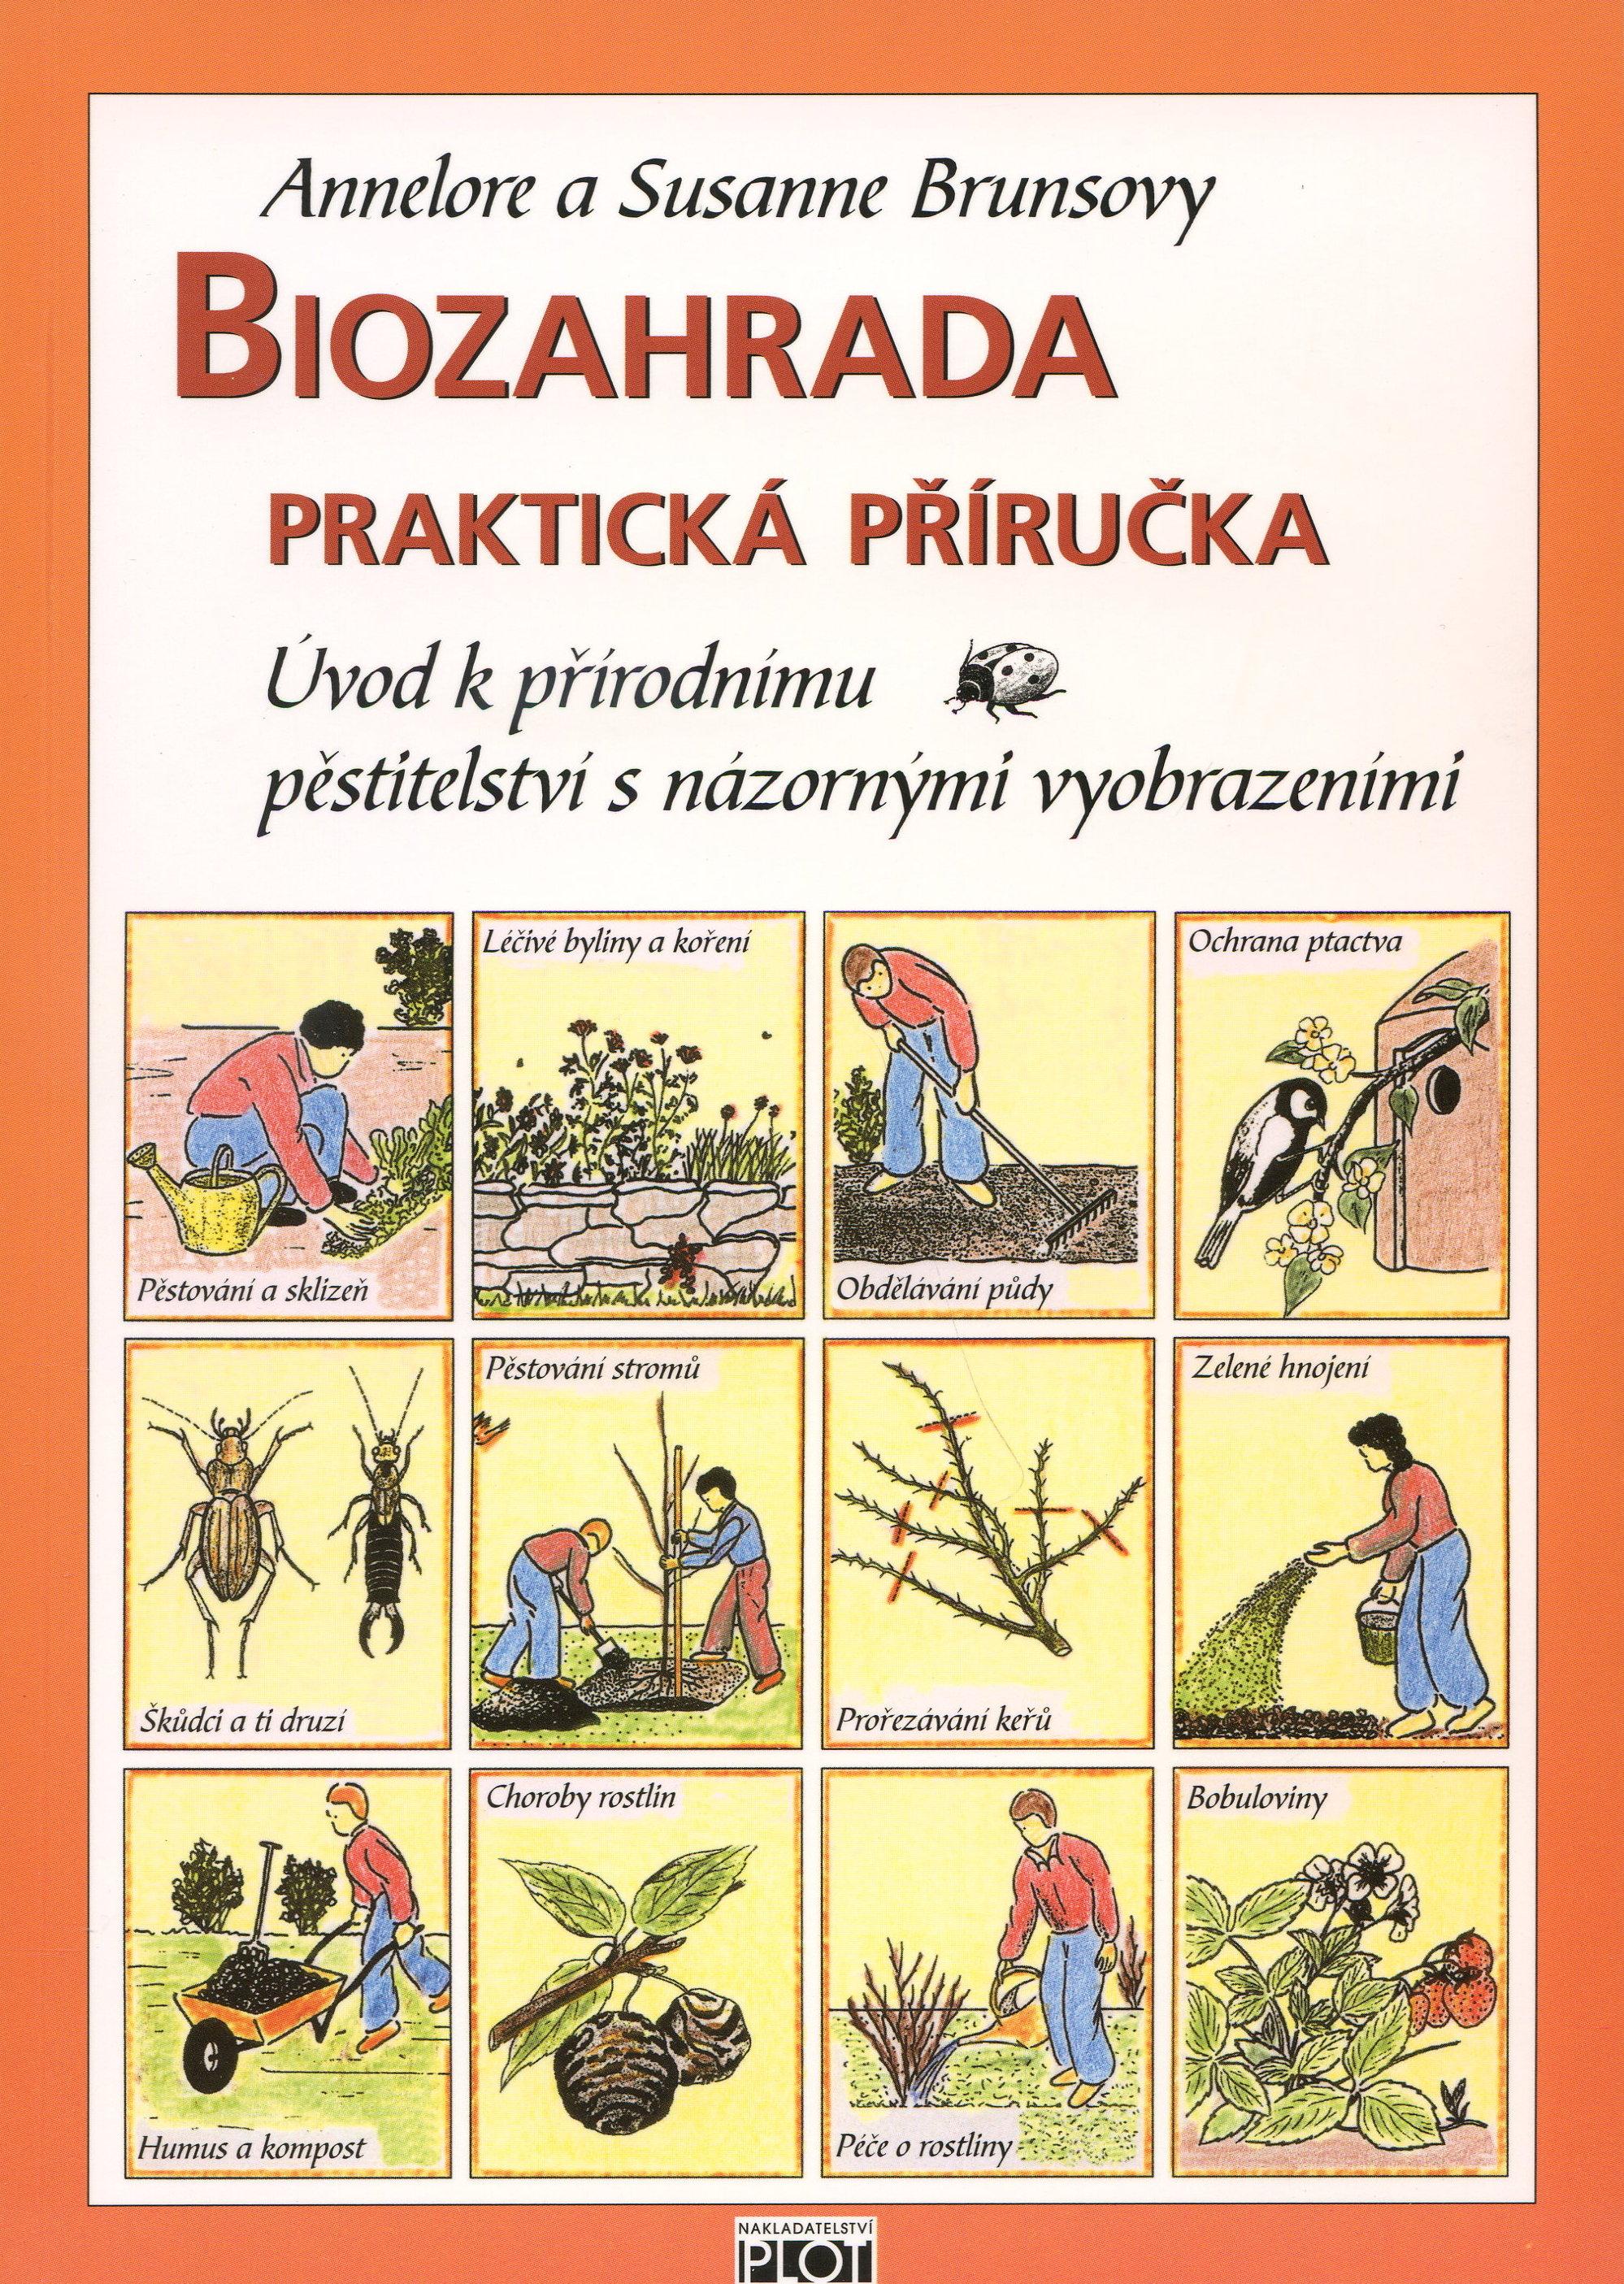 Biozahrada - praktická příručka - Úvod k přírodnímu pěstitelství s názornými vyobrazeními